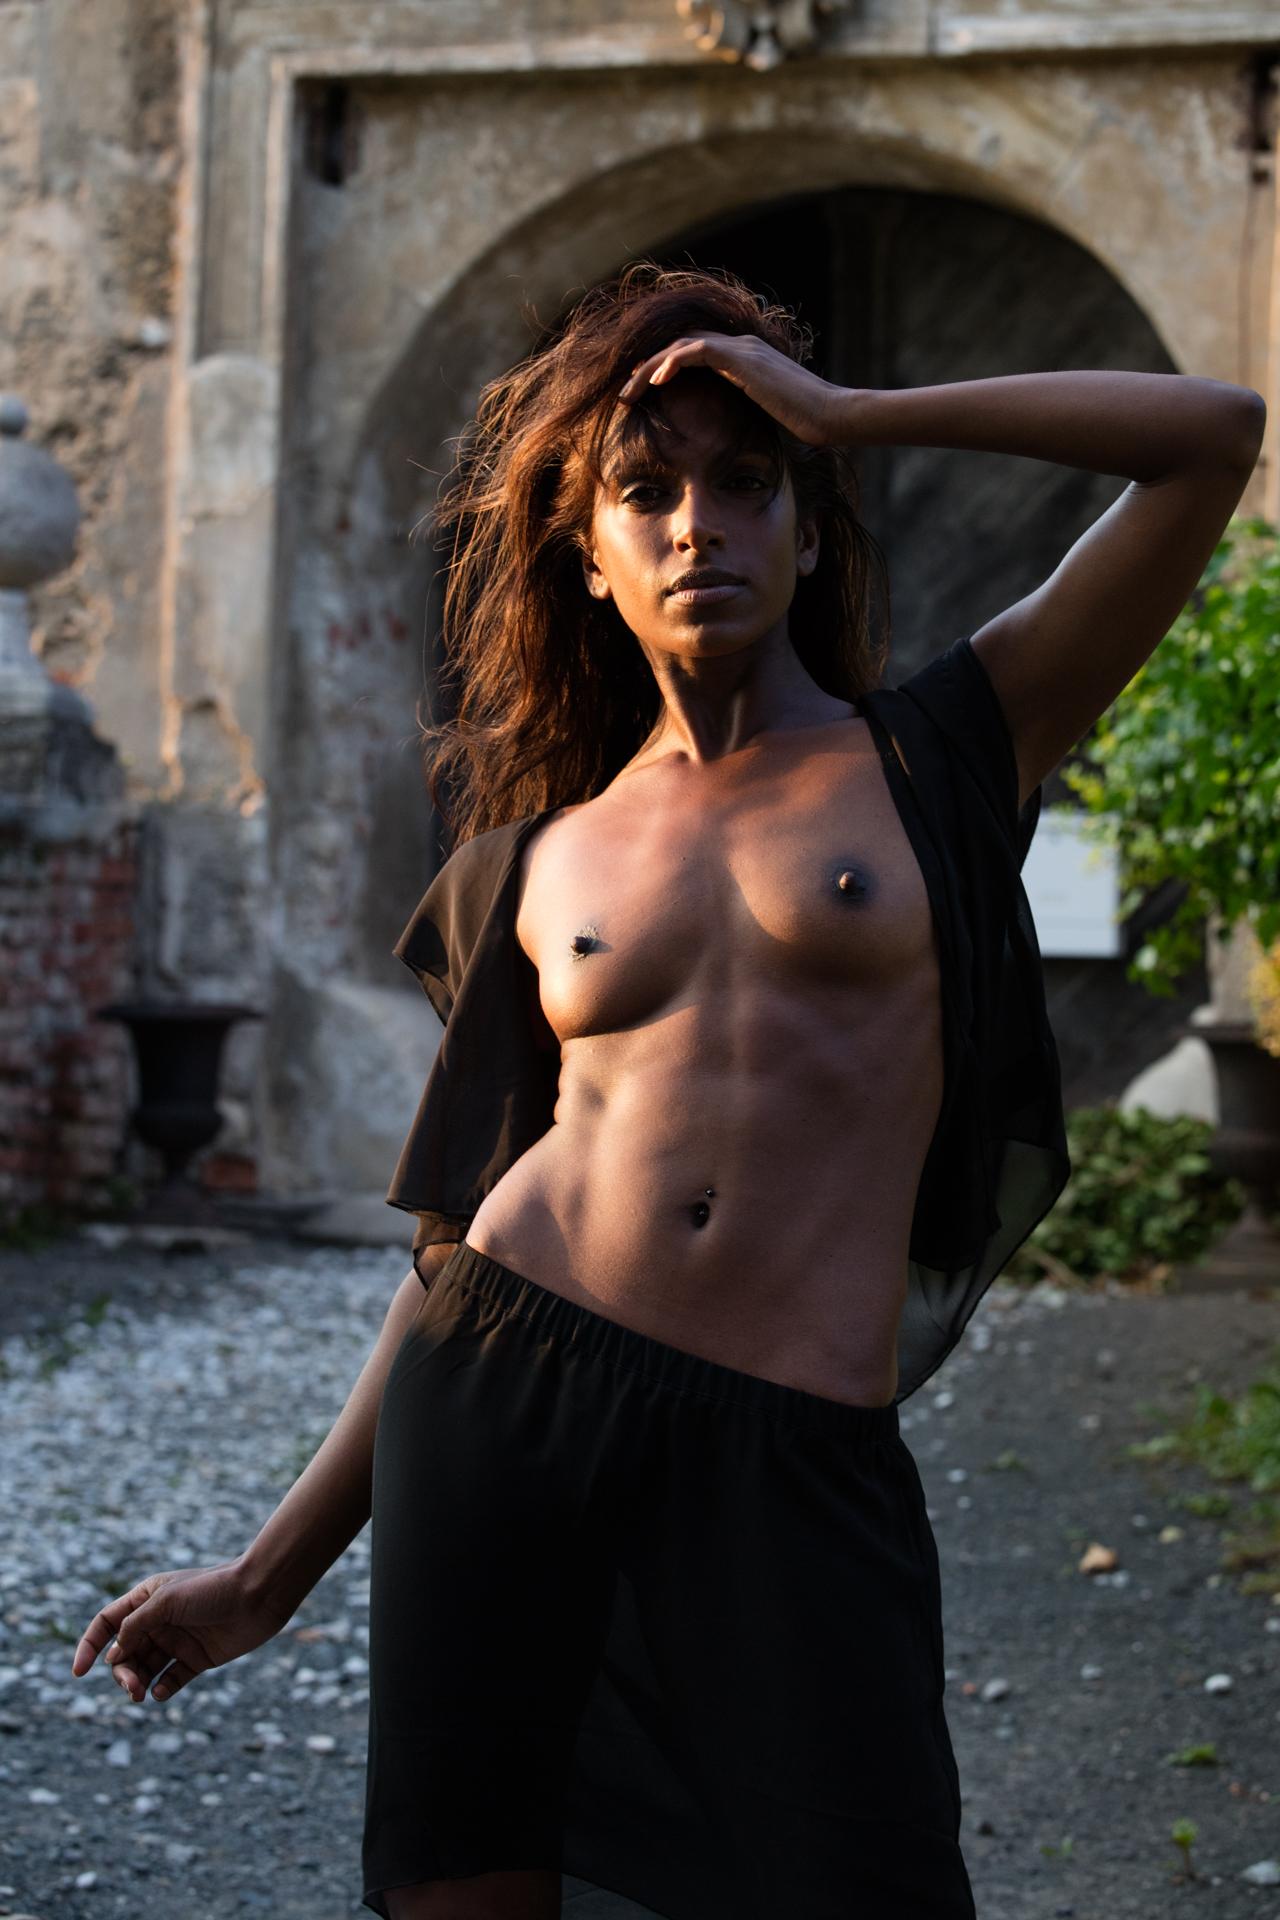 Nude photoshoot - COOPH_Greg_Gorman_009